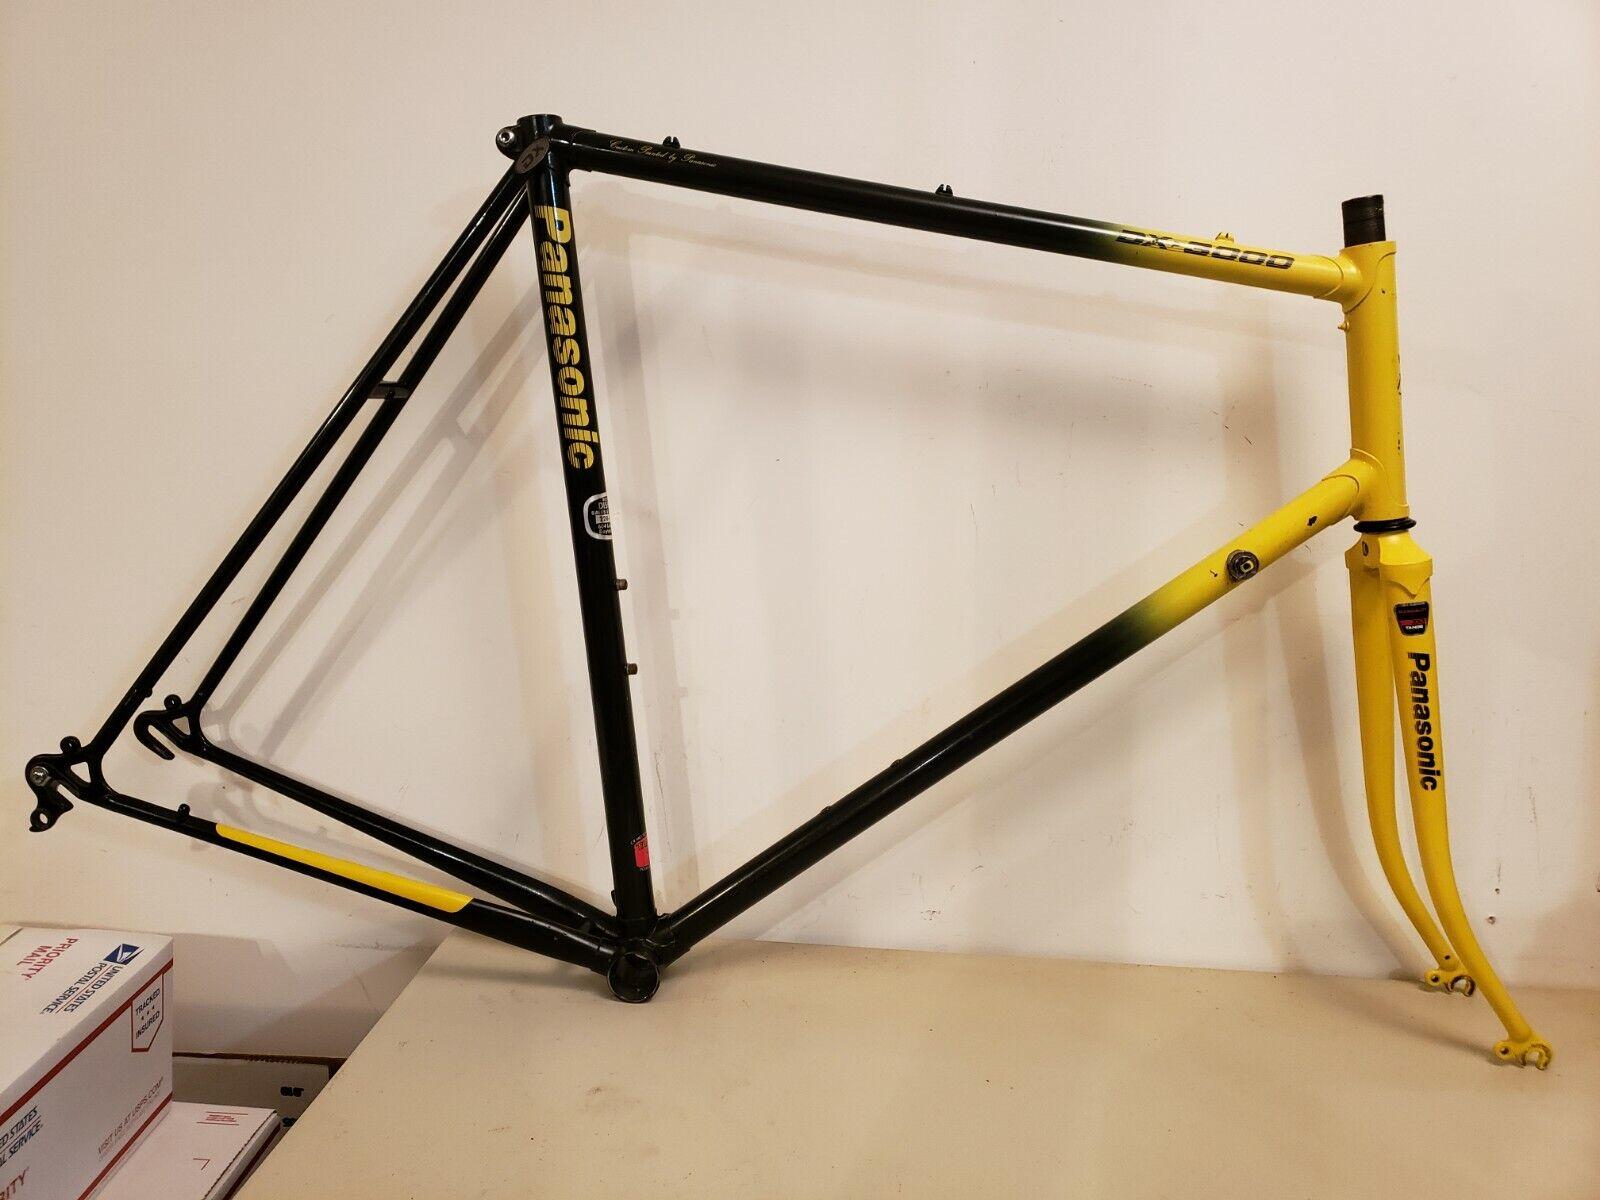 Panasonic DX-3000 Road Bike Frameset...60cm...Tange 2 Double Bumblebee...Bicycle